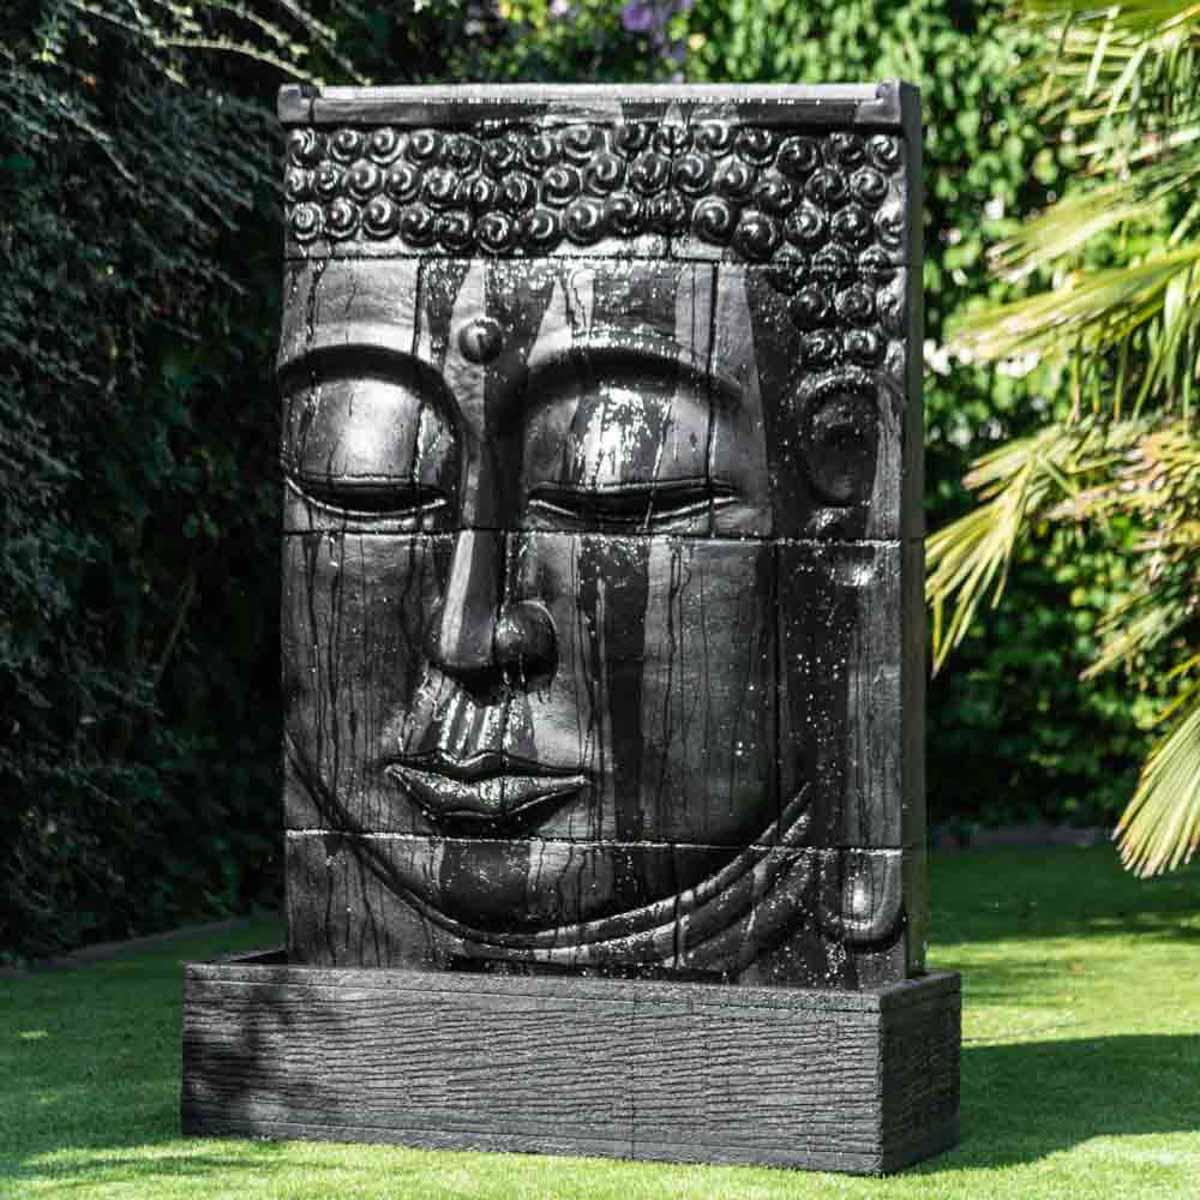 Grande fontaine ext rieur mur d 39 eau visage de bouddha 1 m 80 for Fontaine exterieur zen